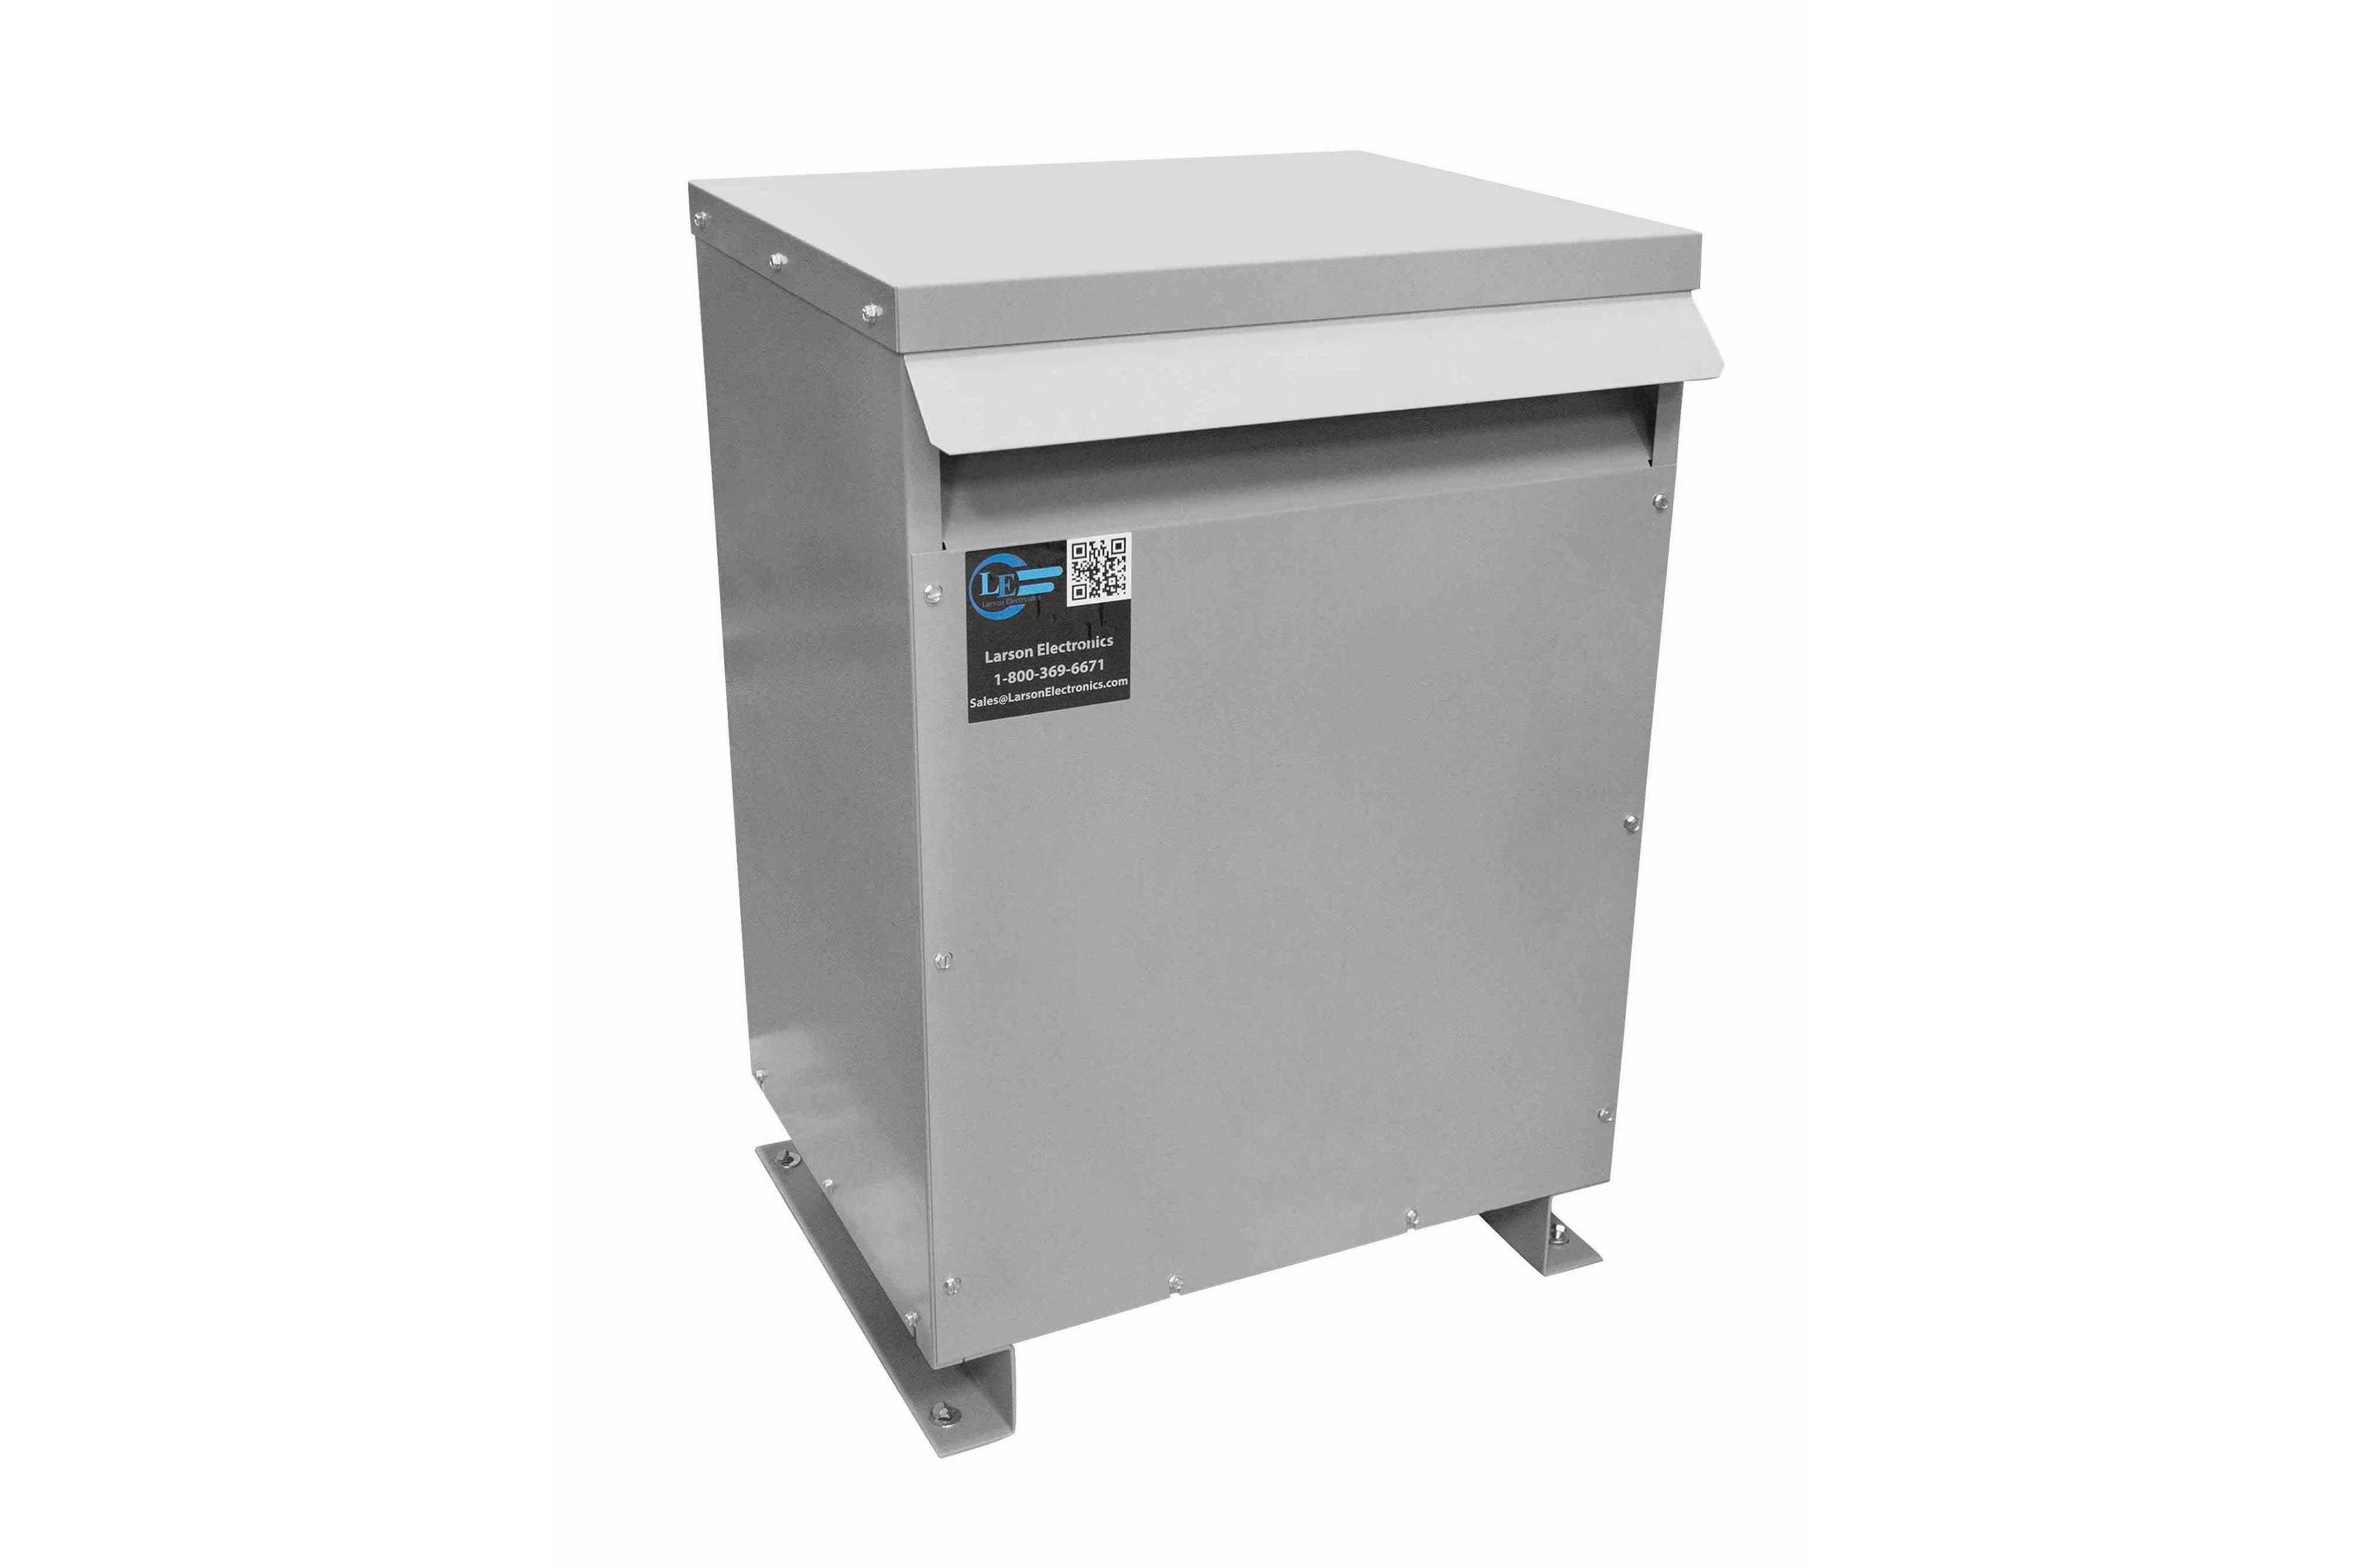 35 kVA 3PH Isolation Transformer, 230V Delta Primary, 480V Delta Secondary, N3R, Ventilated, 60 Hz